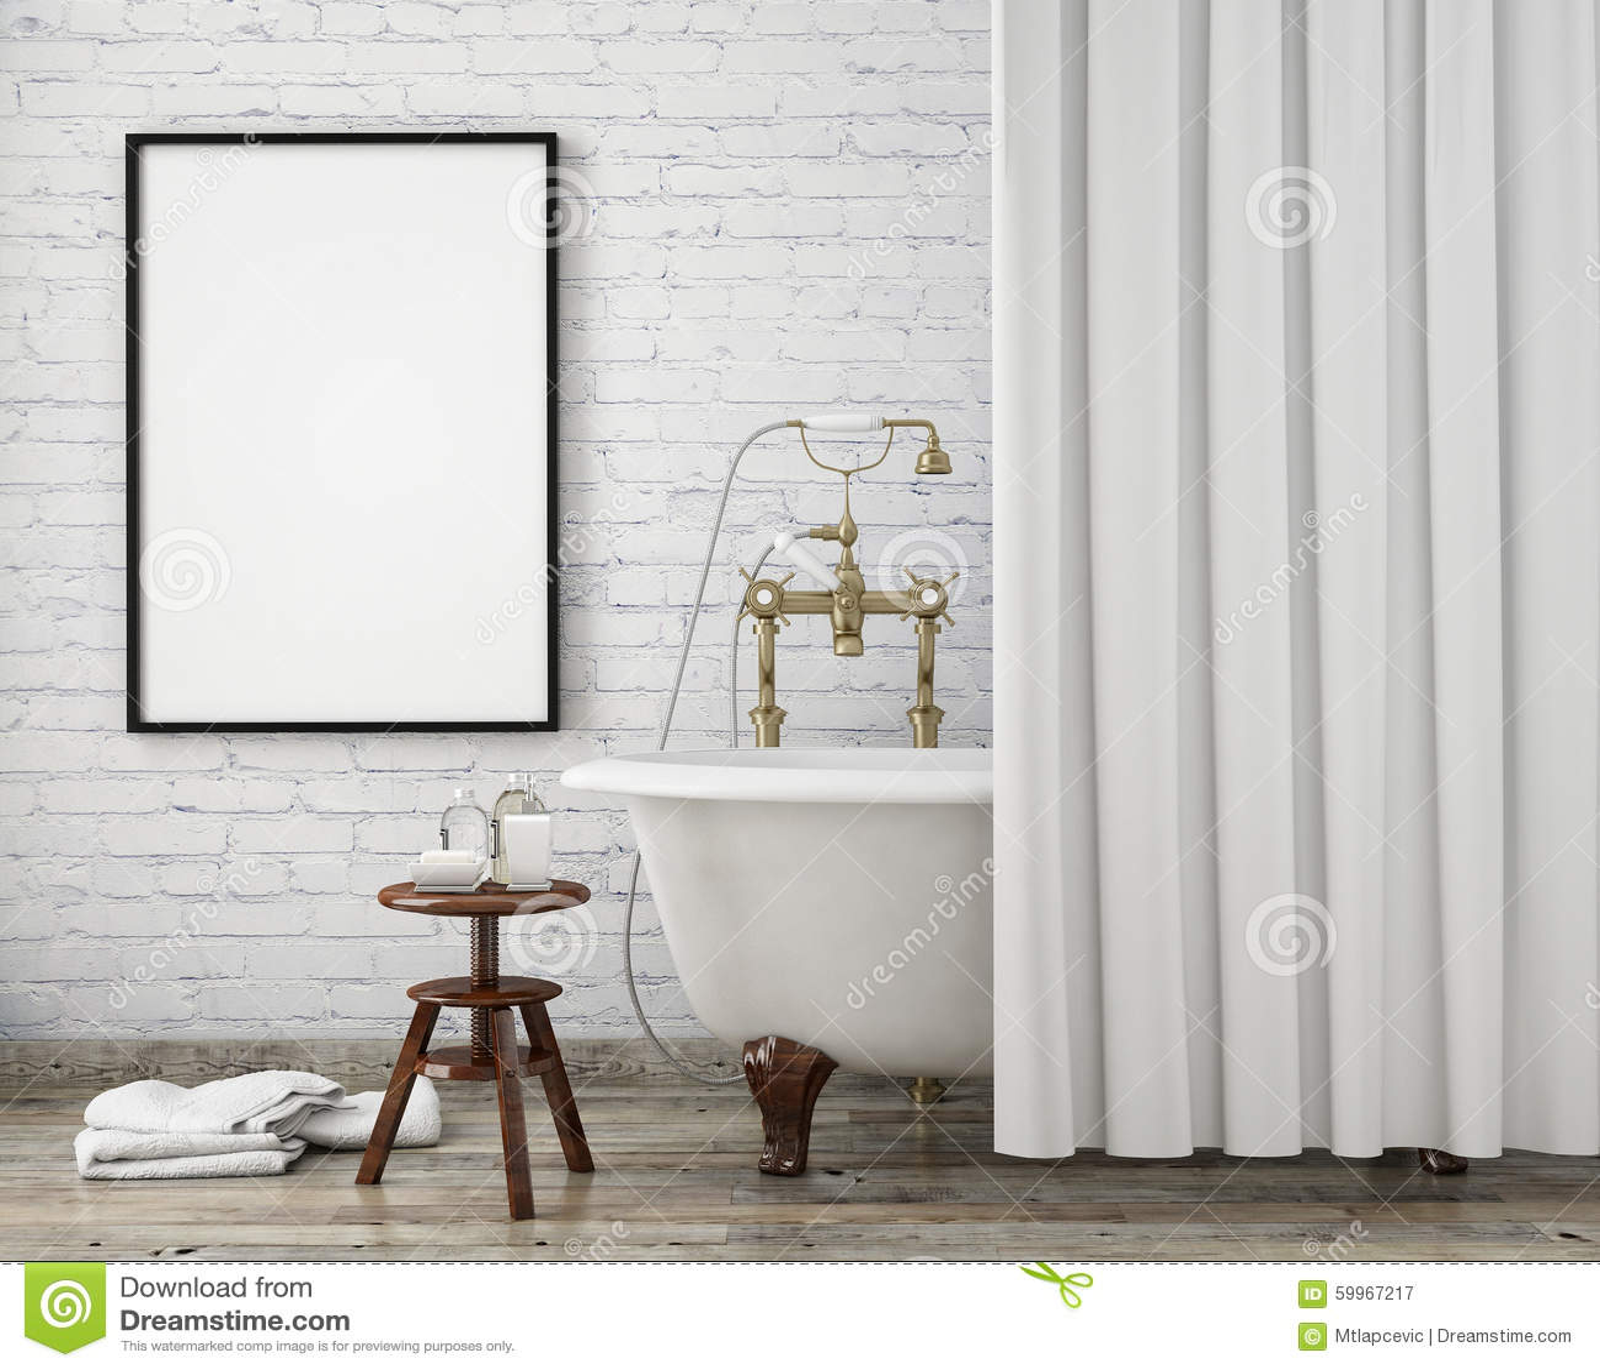 Foto de Stock: Zombe acima do quadro do cartaz no banheiro do moderno  #85A823 1300 1130